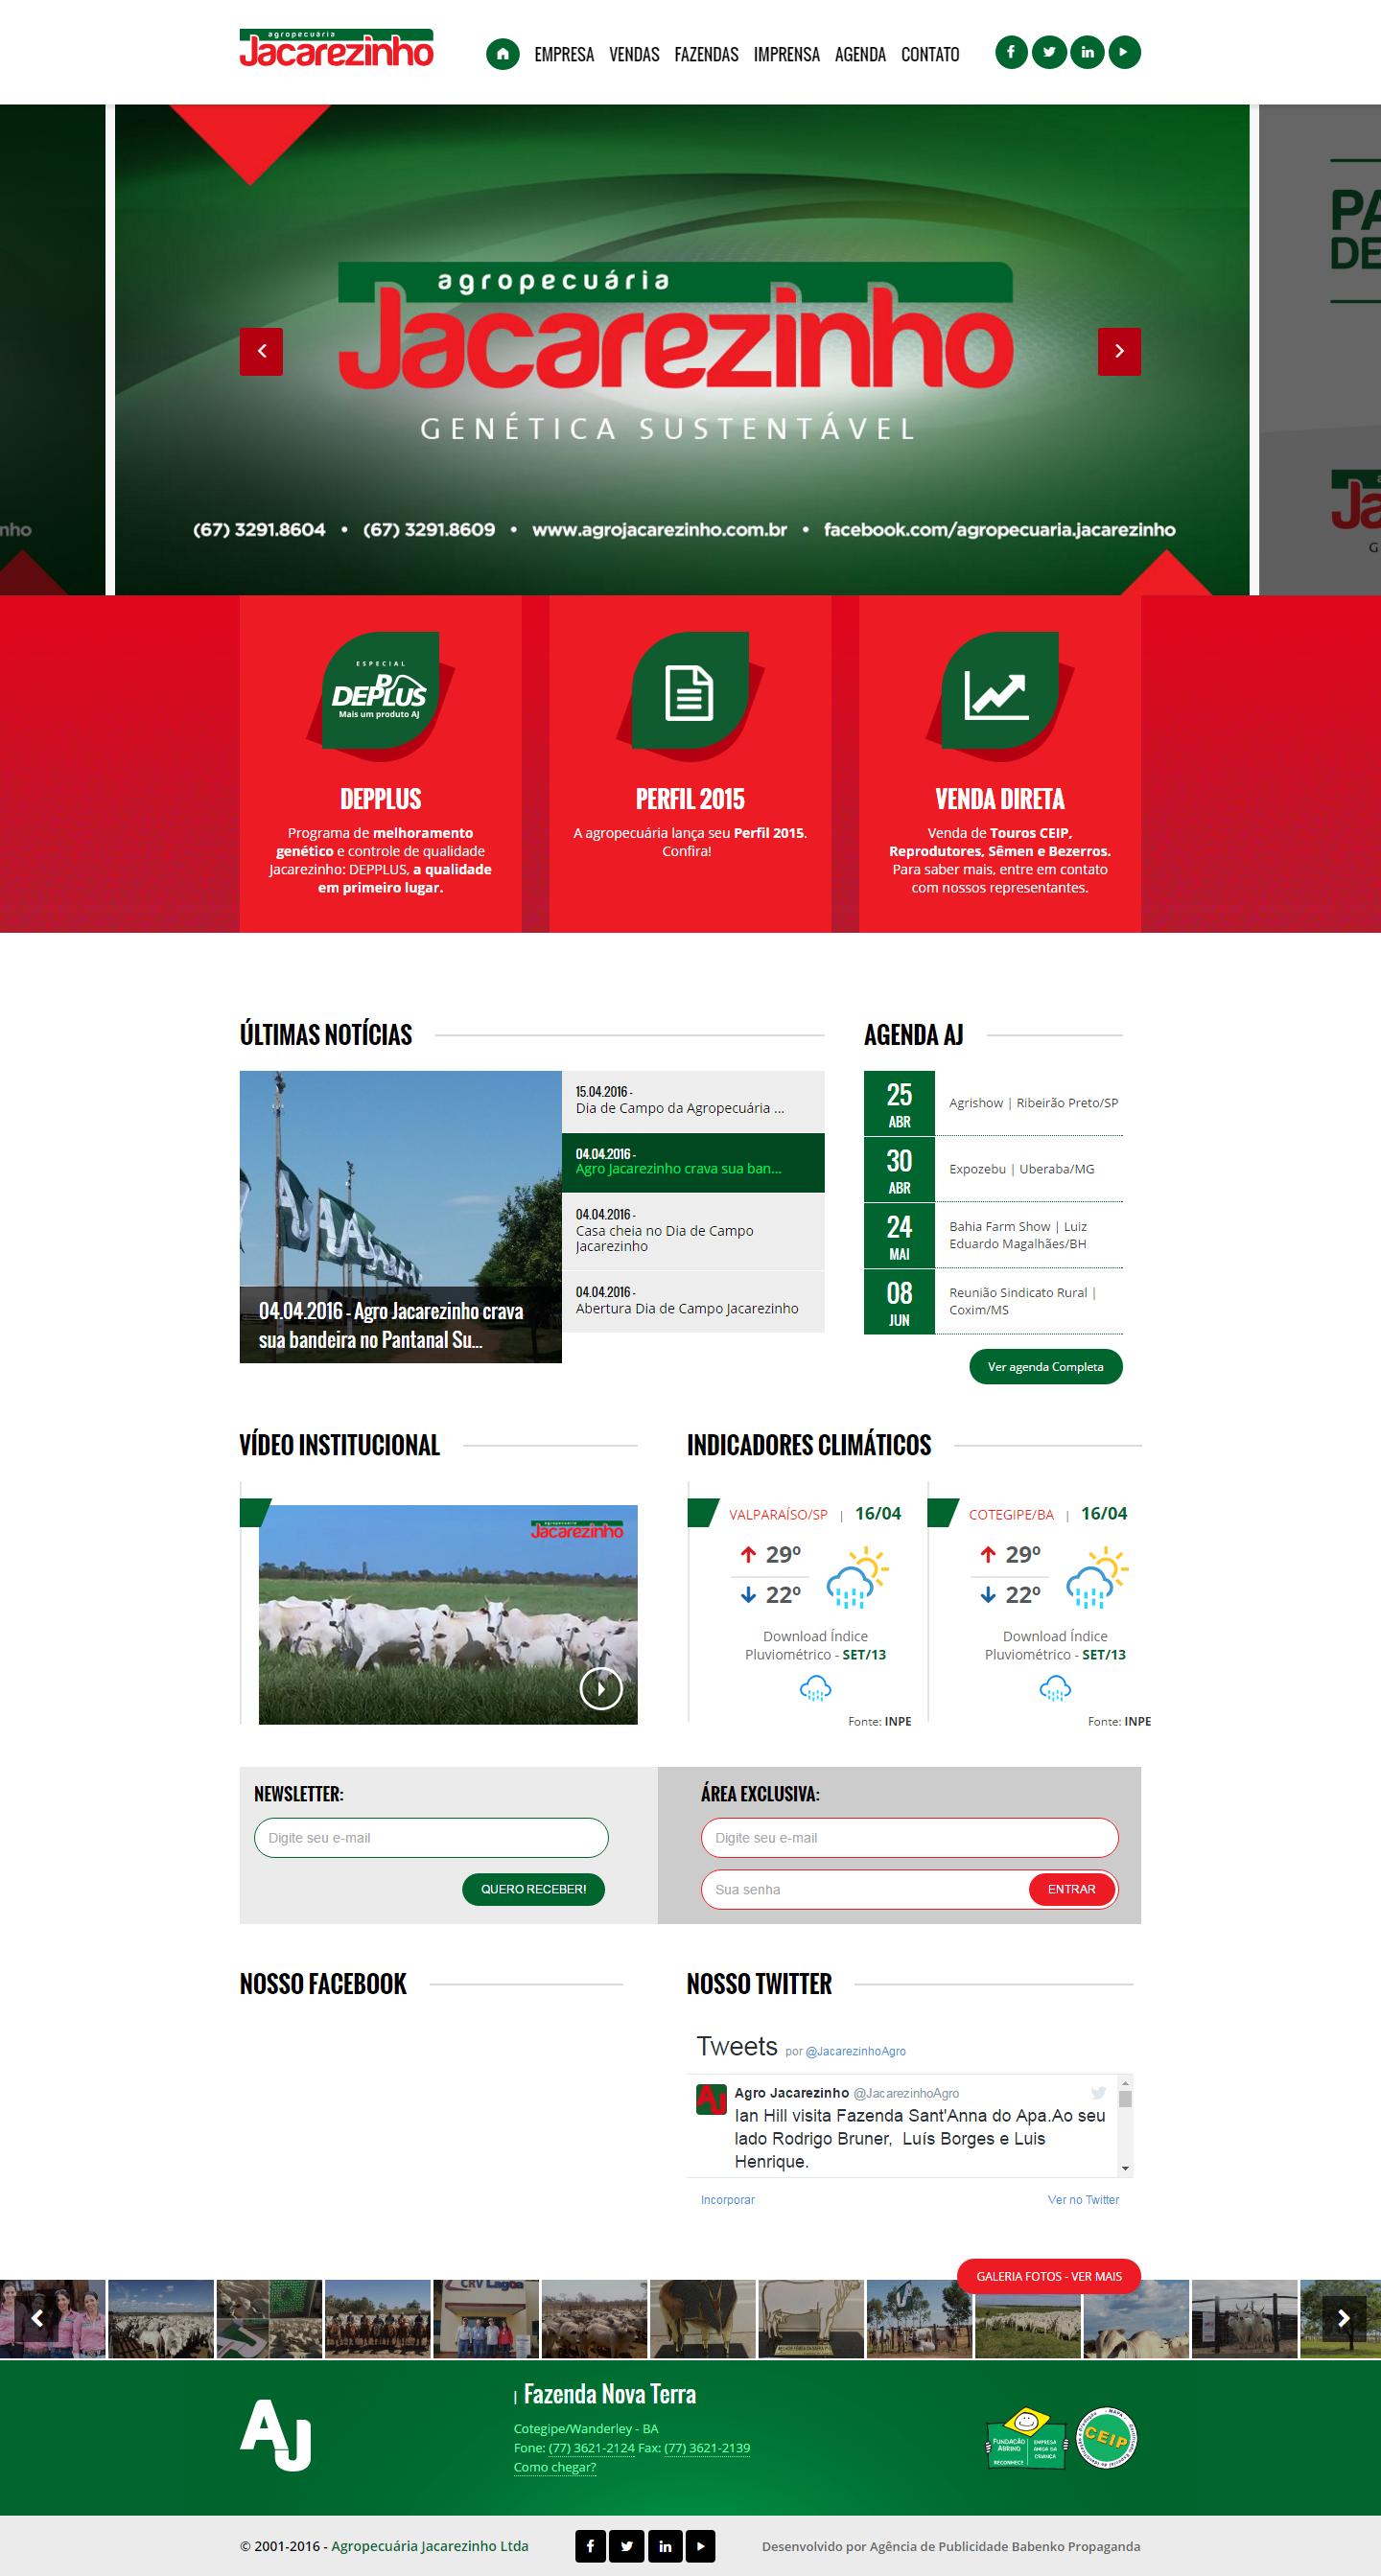 BABENKO agencia publicidade - Desenvolvimento Criação de Design de Sites Agropecuaria Jacarezinho